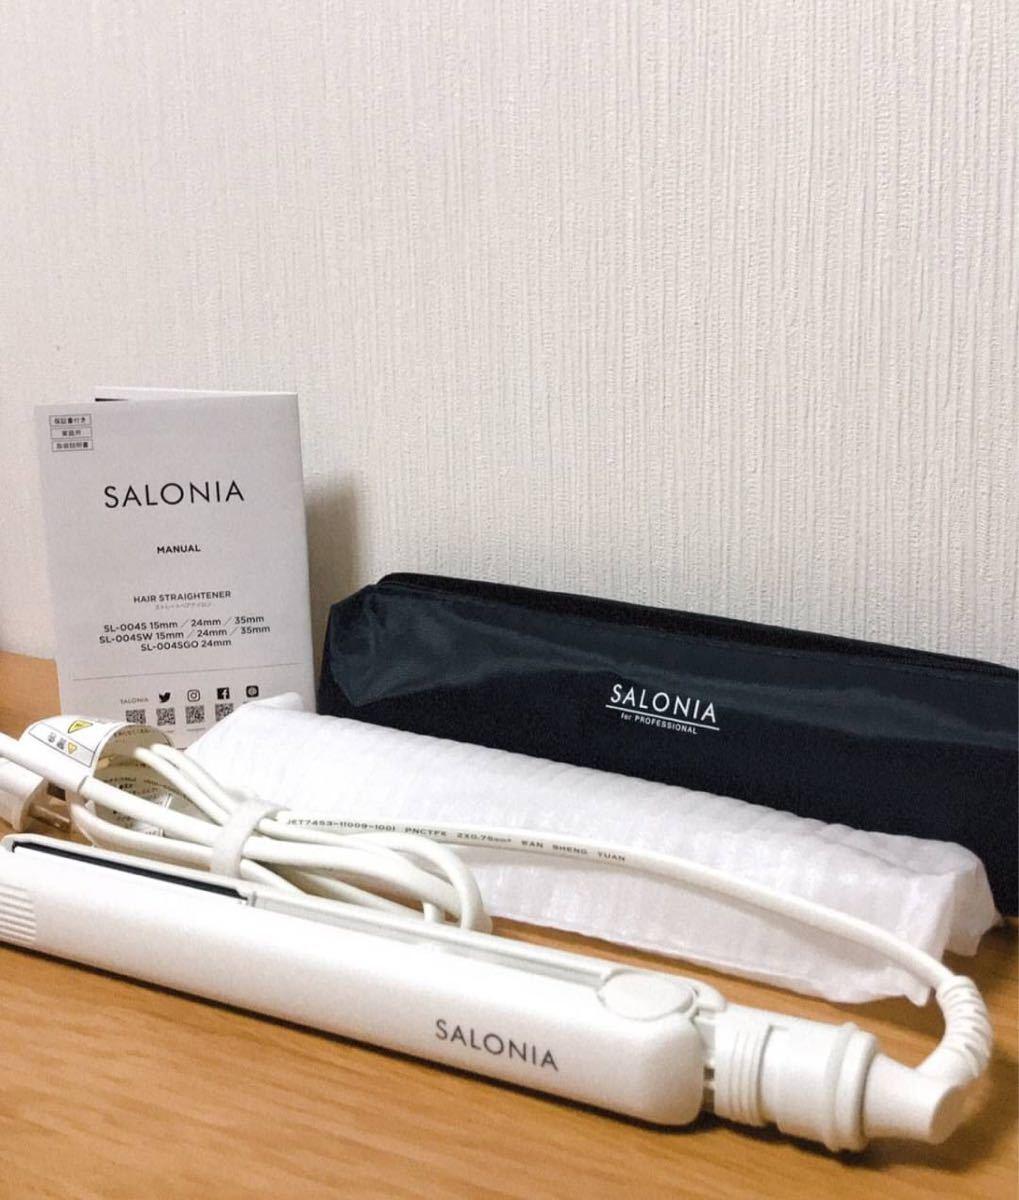 SALONIA ストレートアイロン ヘアーアイロン ダブルイオン SL-004S 海外対応 24mm ヘアアイロン ホワイト